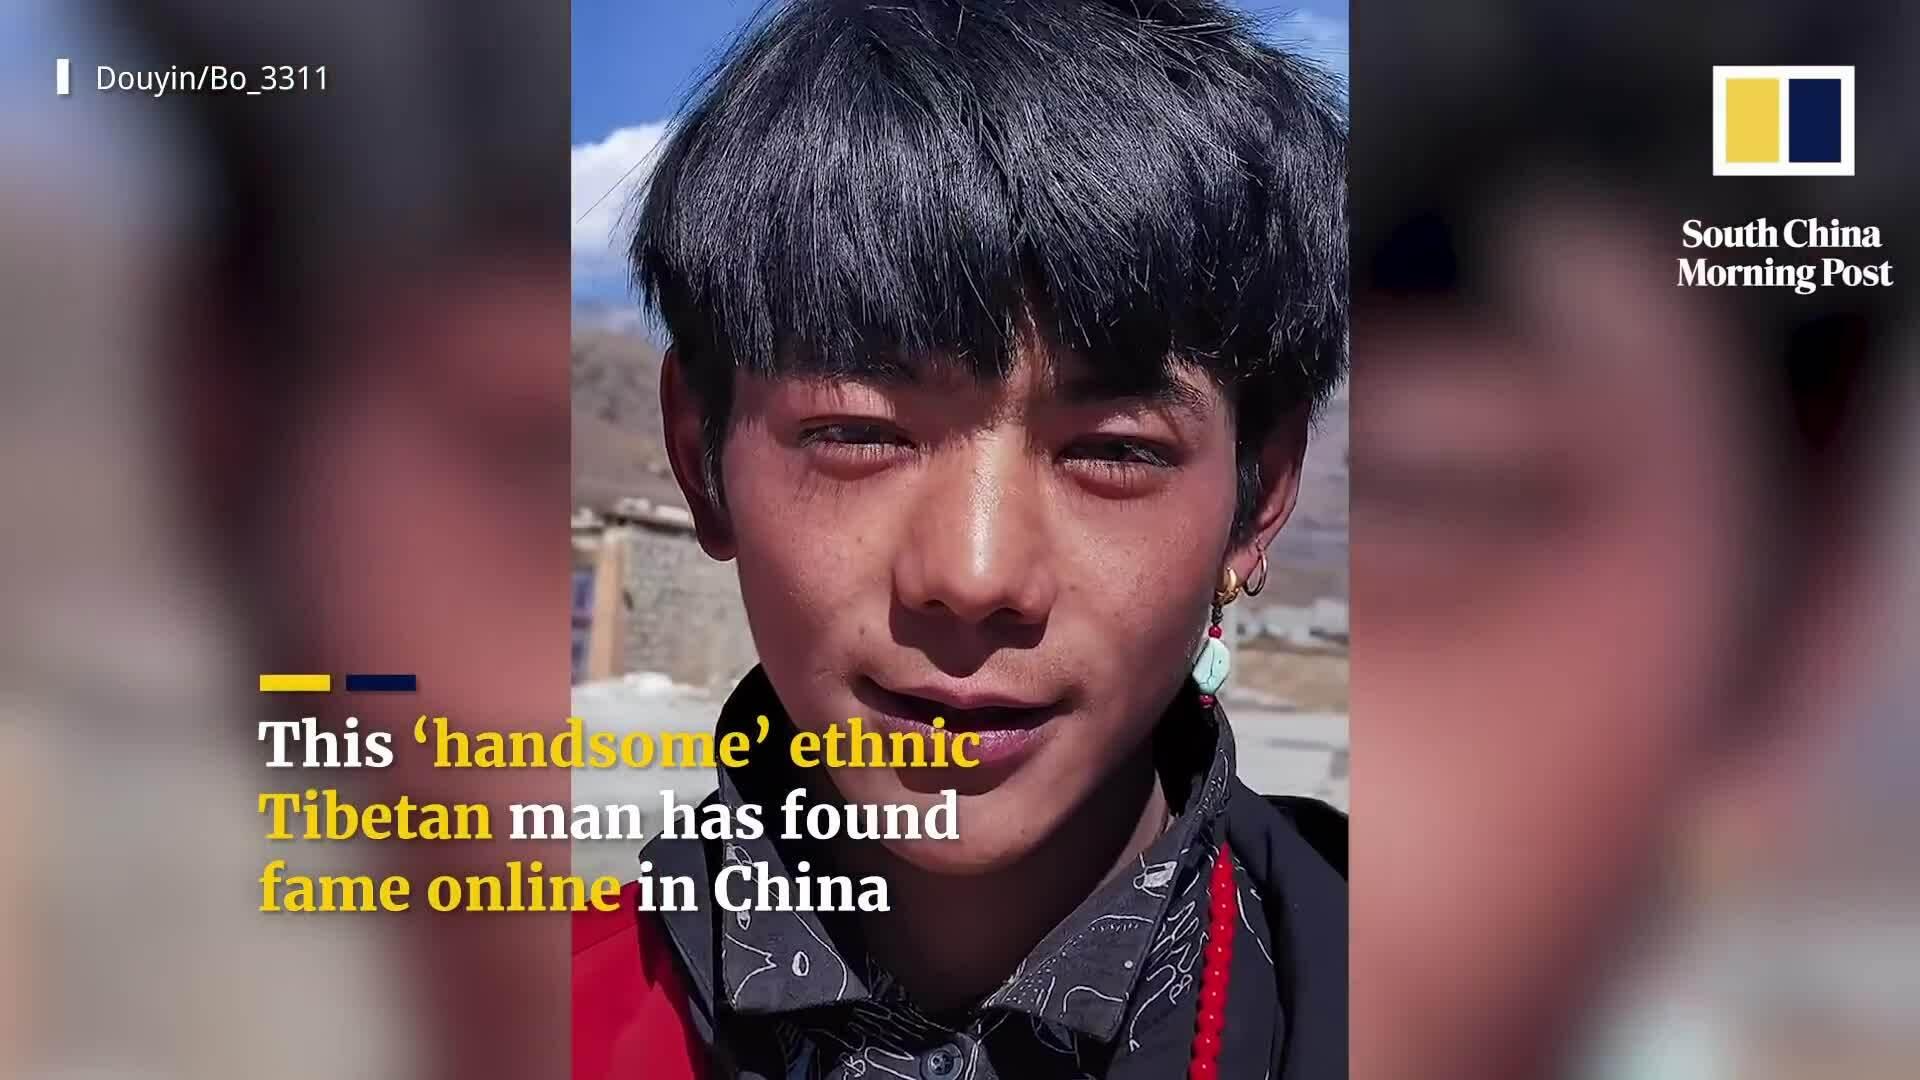 Chàng chăn bò Tây Tạng bỗng nổi tiếng vì quá đẹp trai